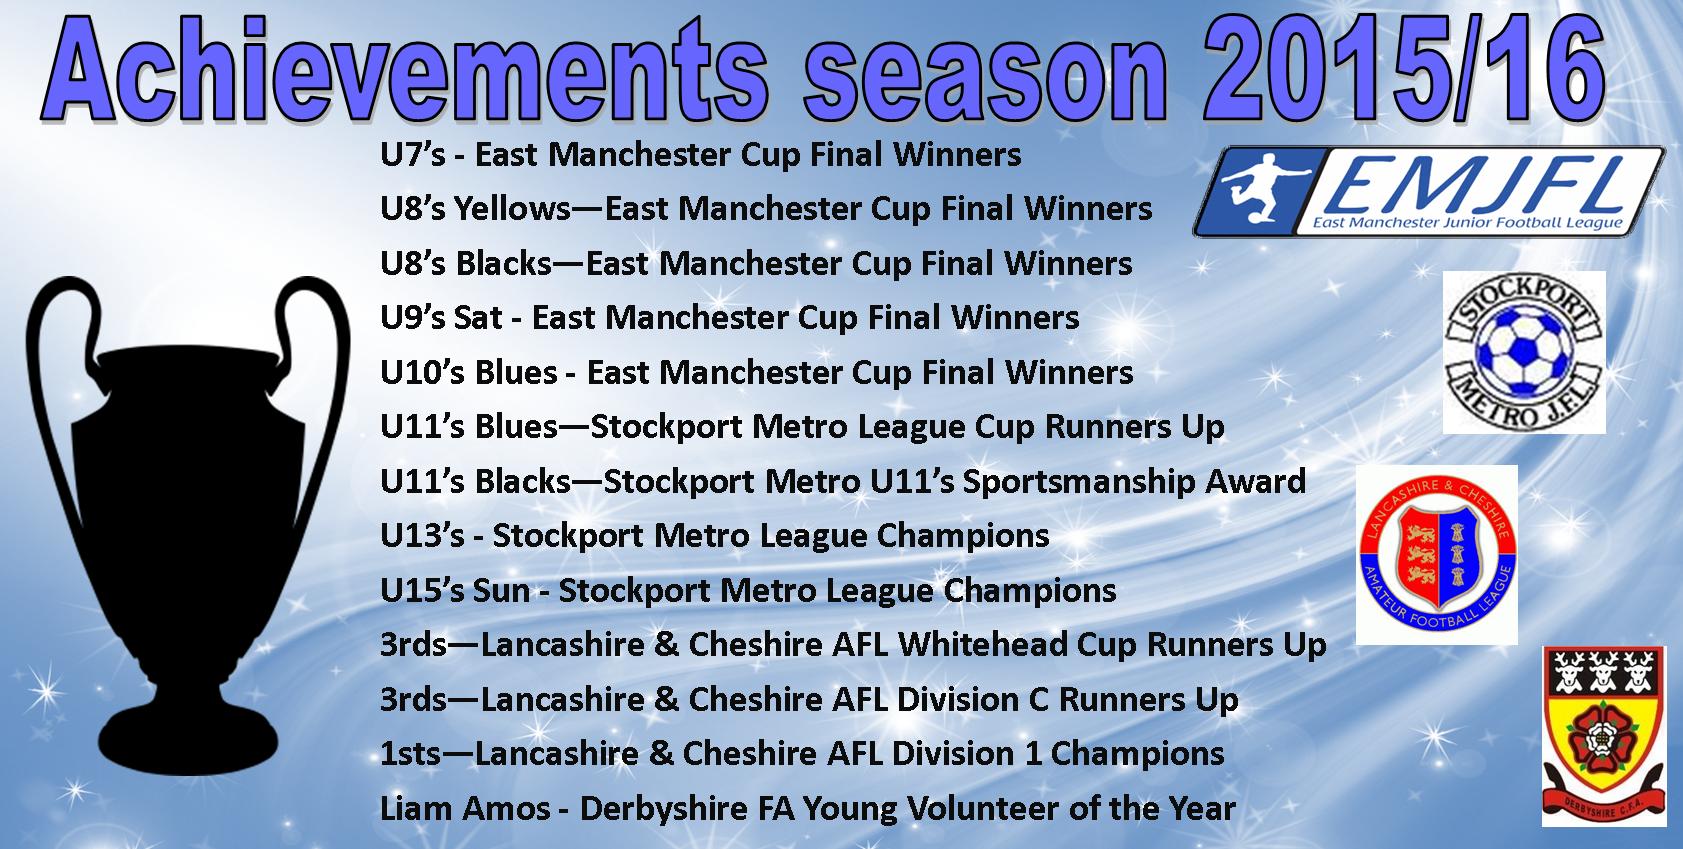 2015-16 achievements